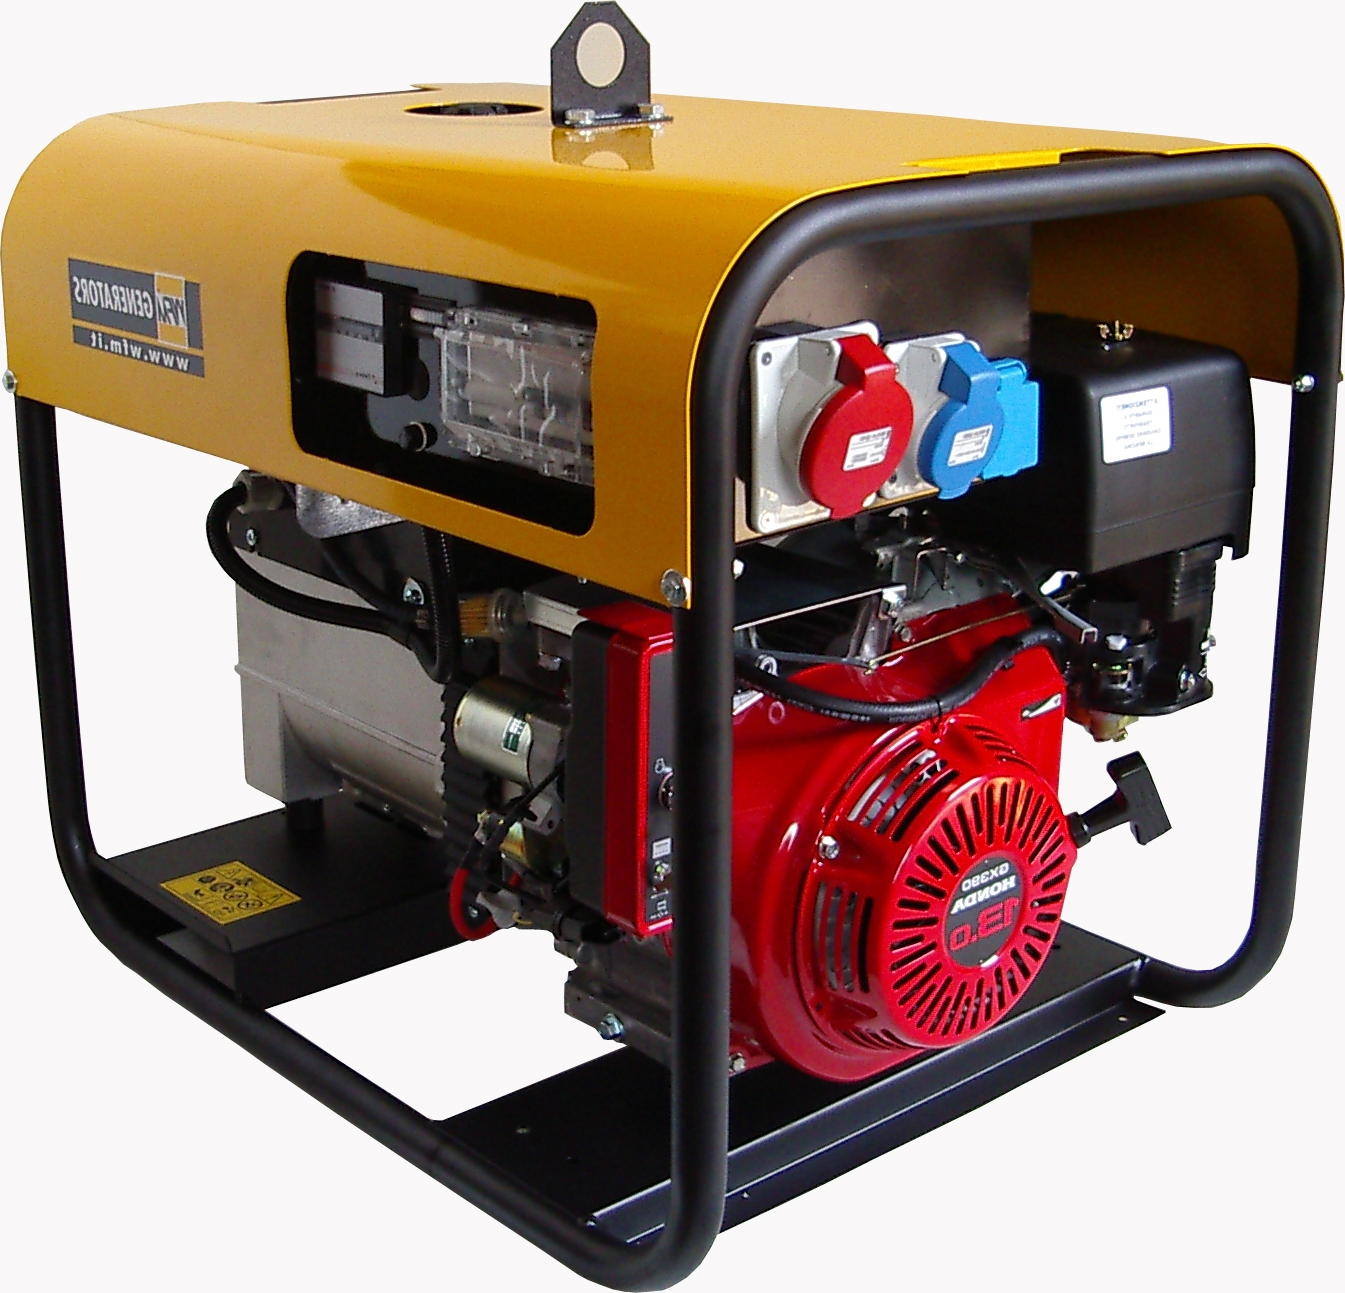 Gruppo elettrogeno 6 kw trifase 400v benzina motore honda for Gruppi elettrogeni usati 10 kw